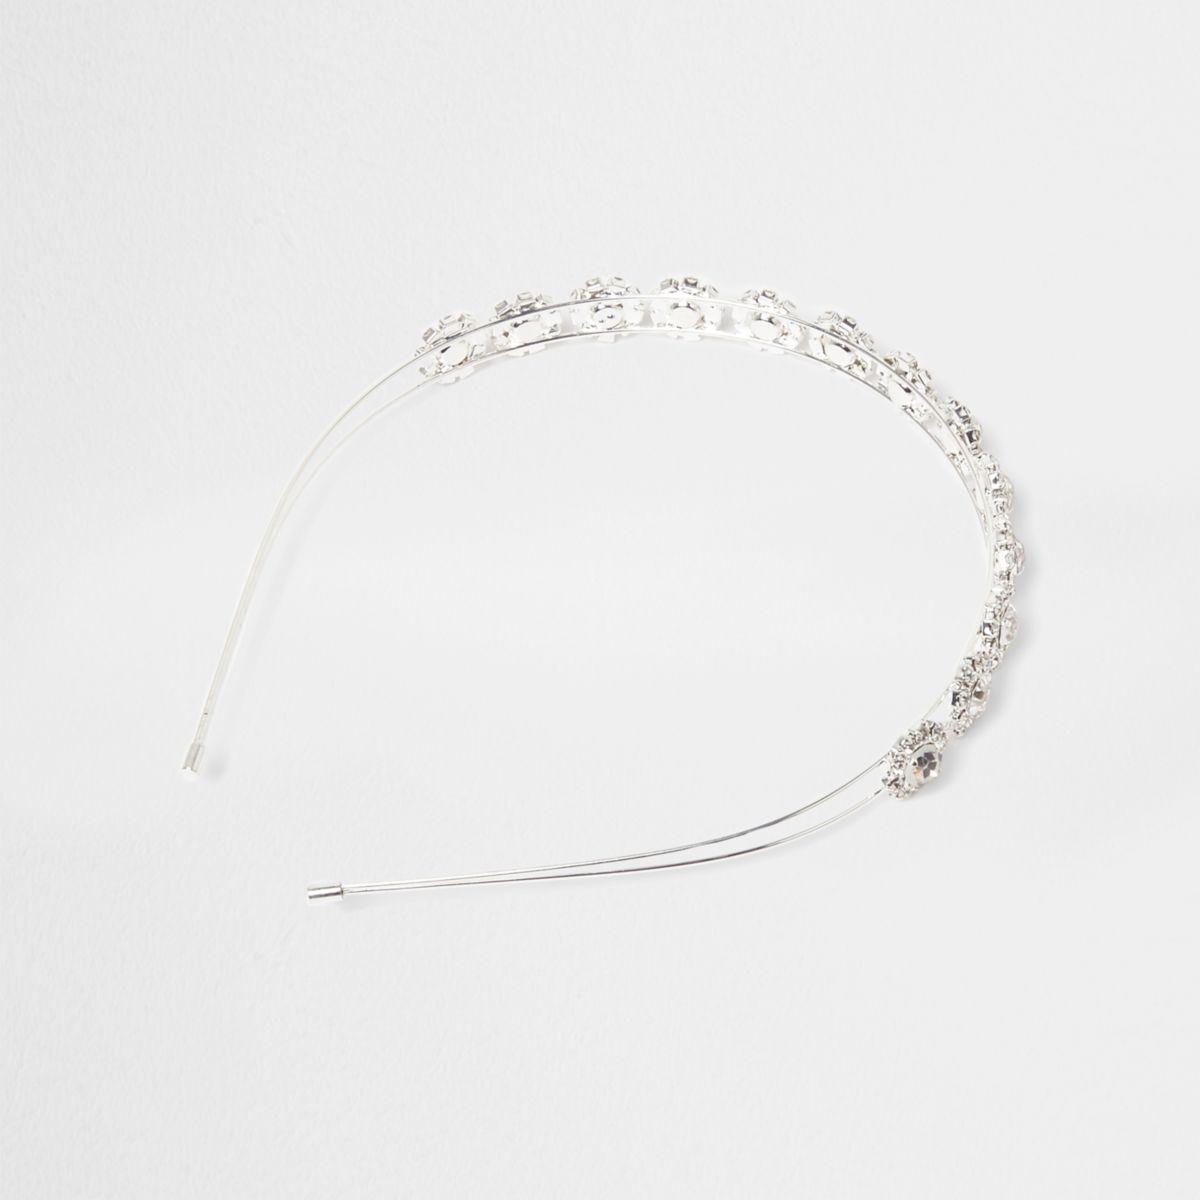 Silver tone diamante flower hair band